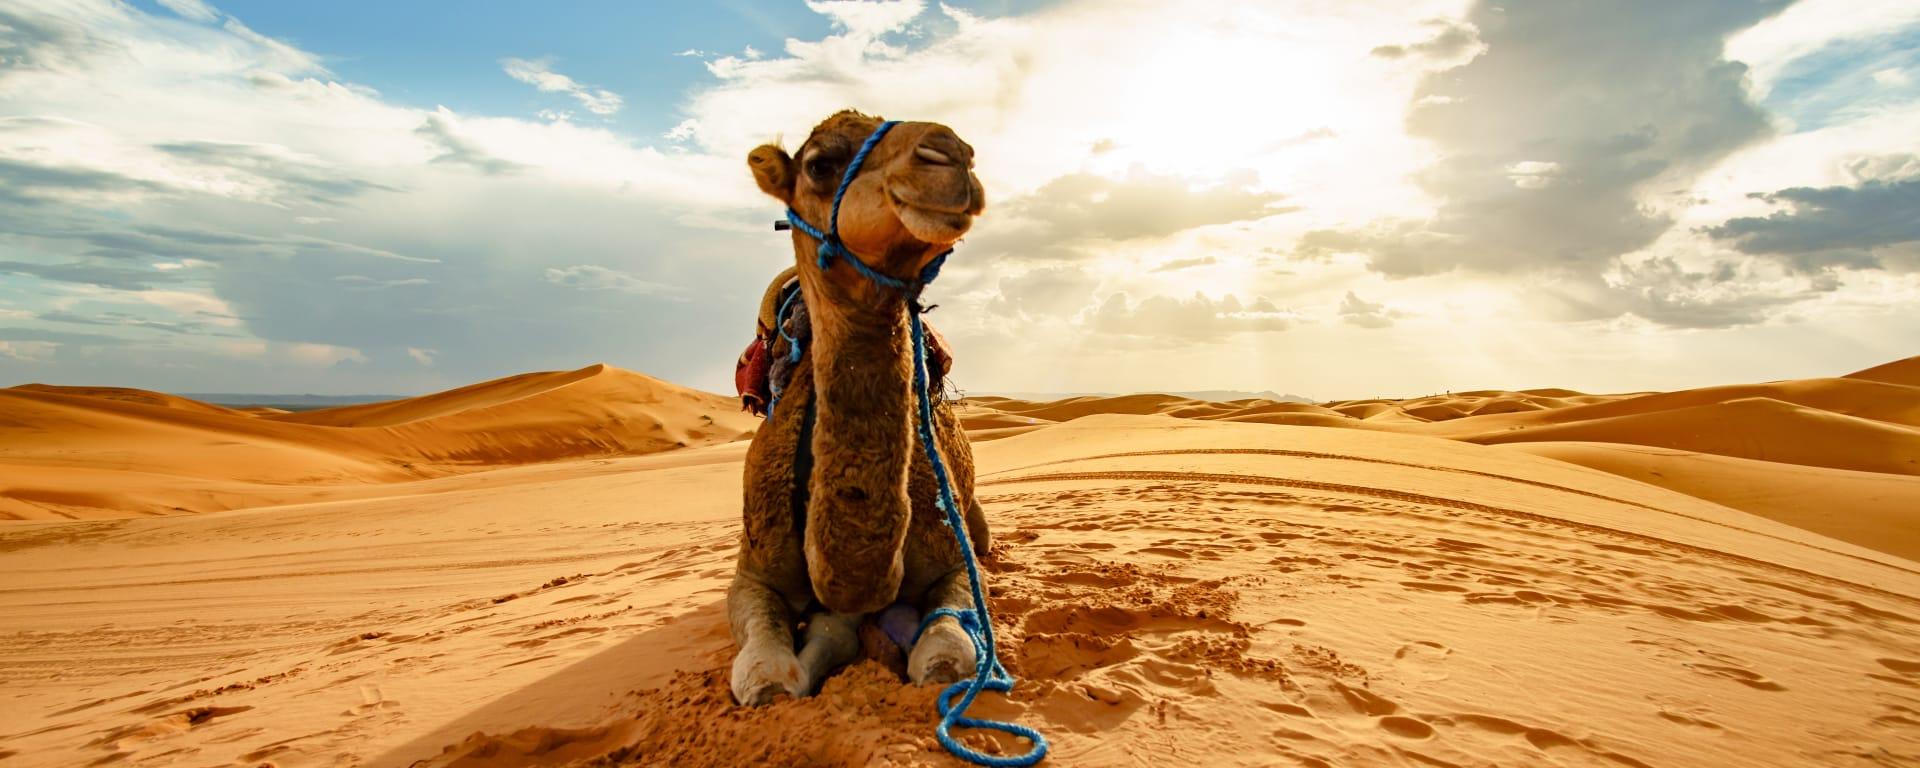 Marokko entdecken mit Tischler Reisen: Marokko Kamel in der Wueste nahe Merzouga